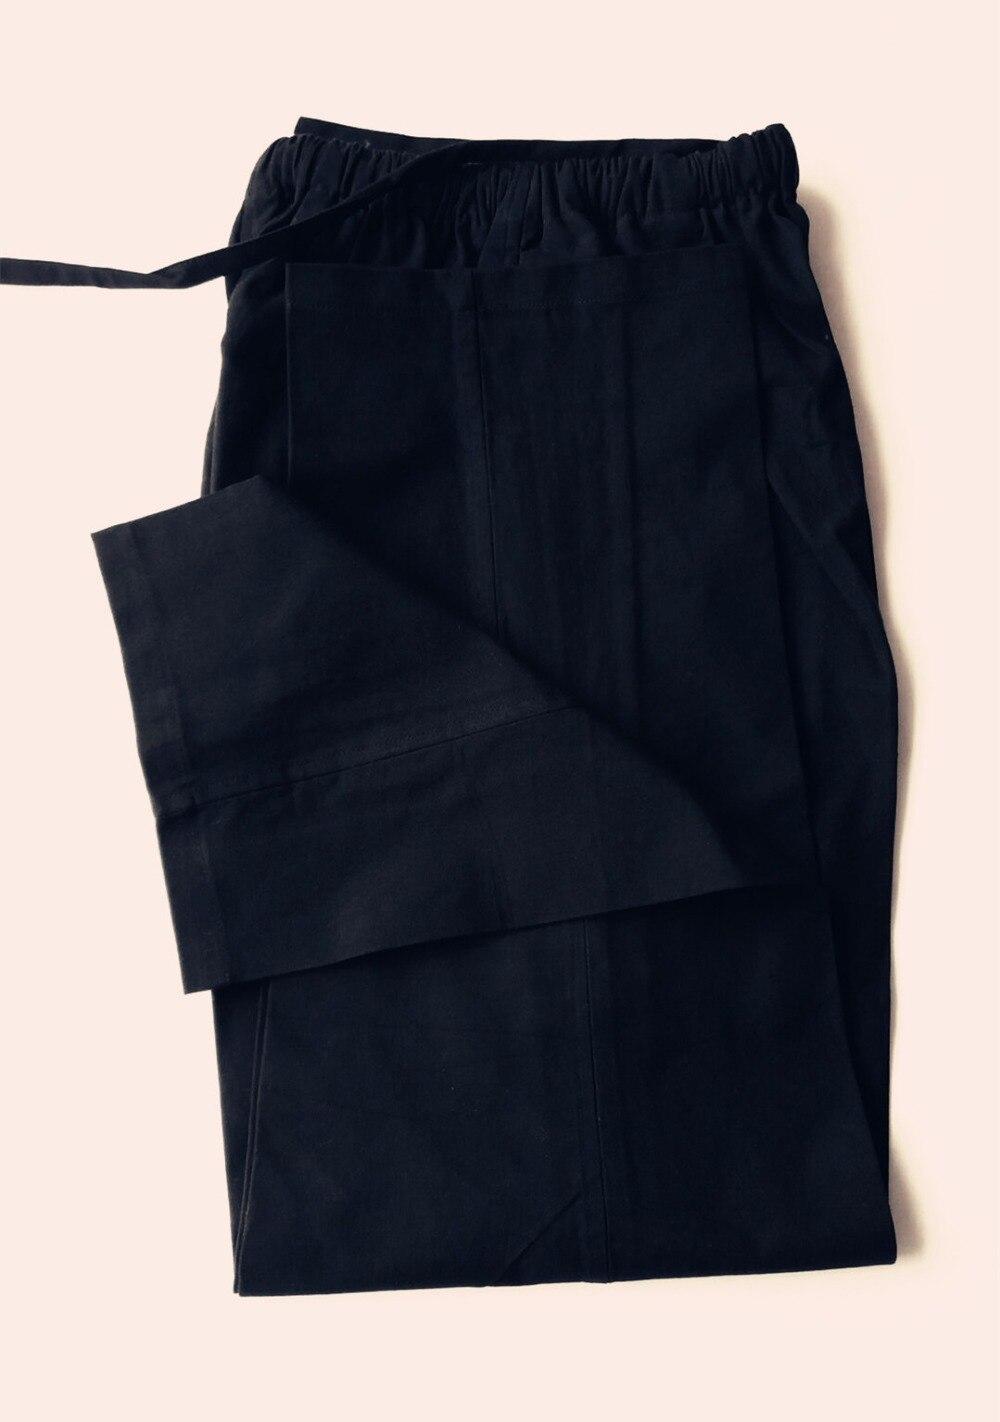 Graue hose schwarz farben